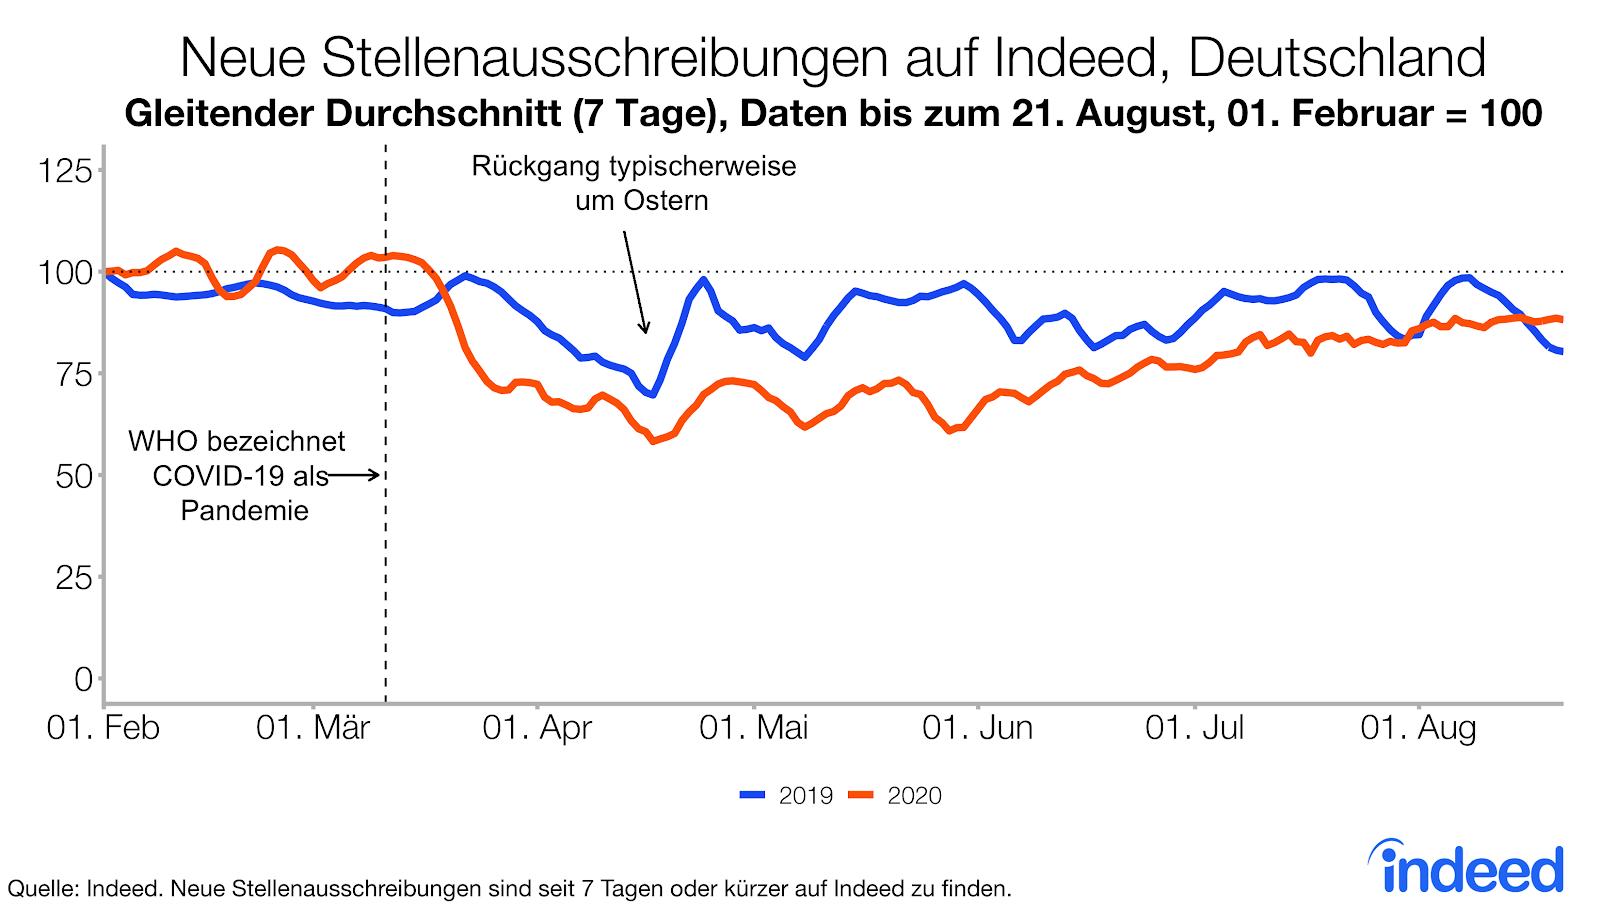 Neue Stellenausschreibungen auf Indeed in Deutschland gehen seit Beginn der Pandemie zurück